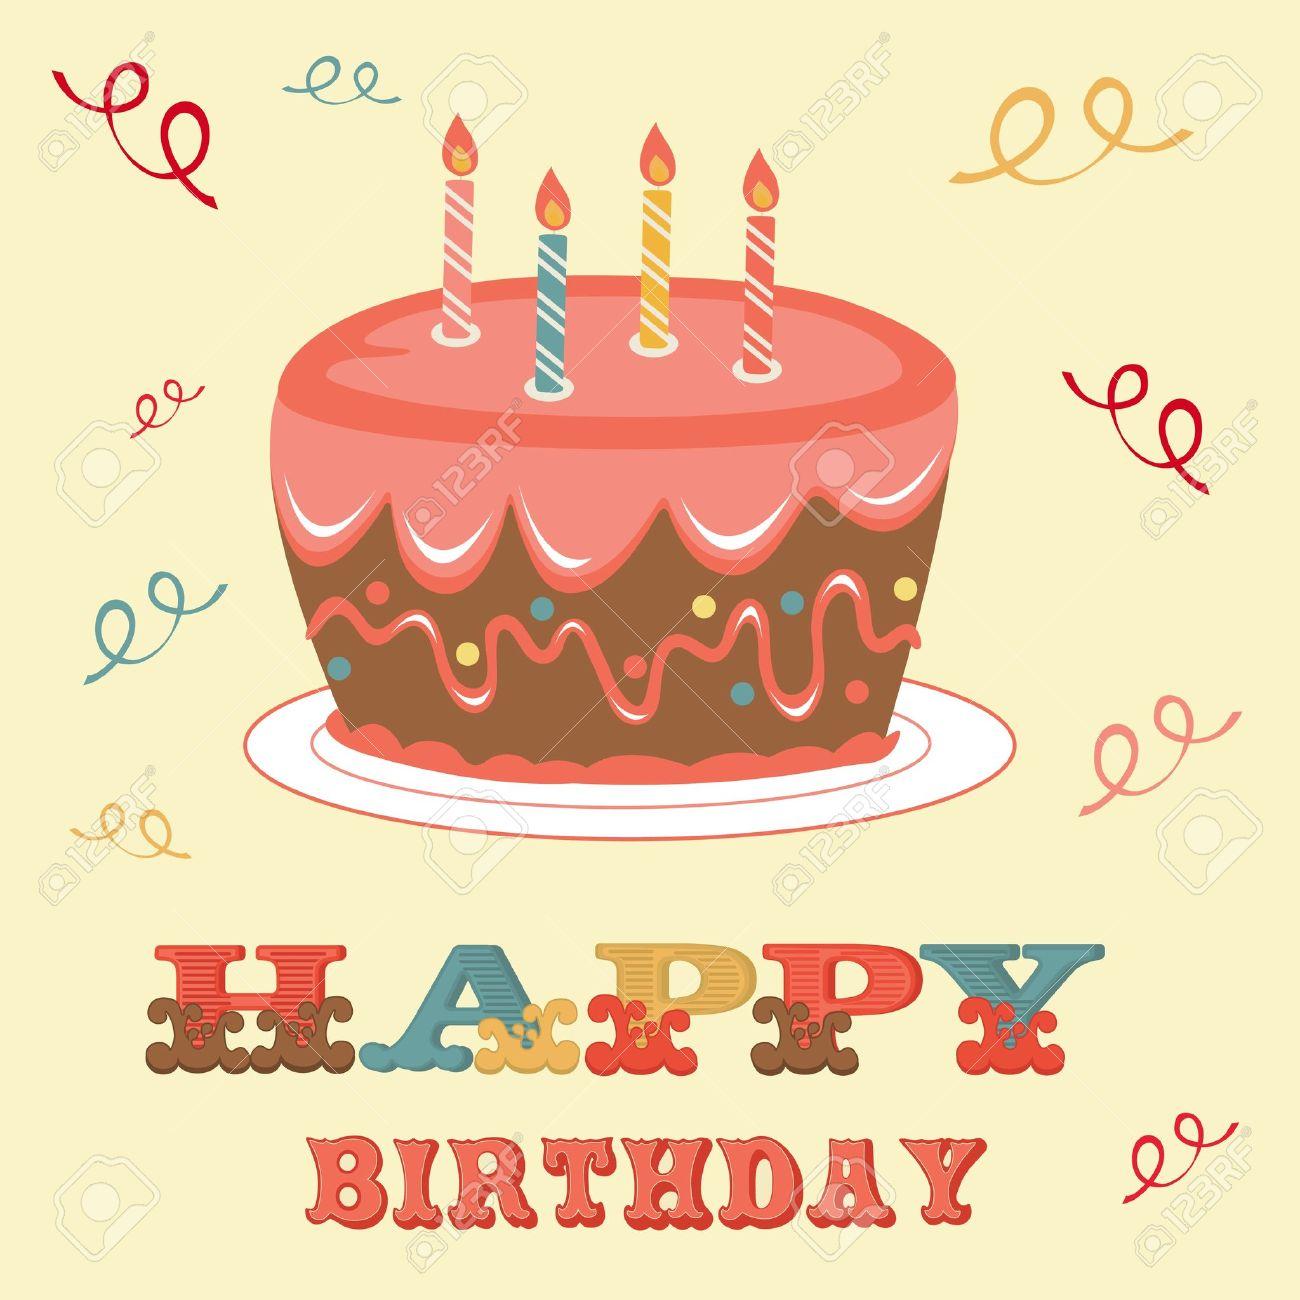 Ein Beispiel Für Eine Geburtstagskarte Mit Kuchen Lizenzfrei